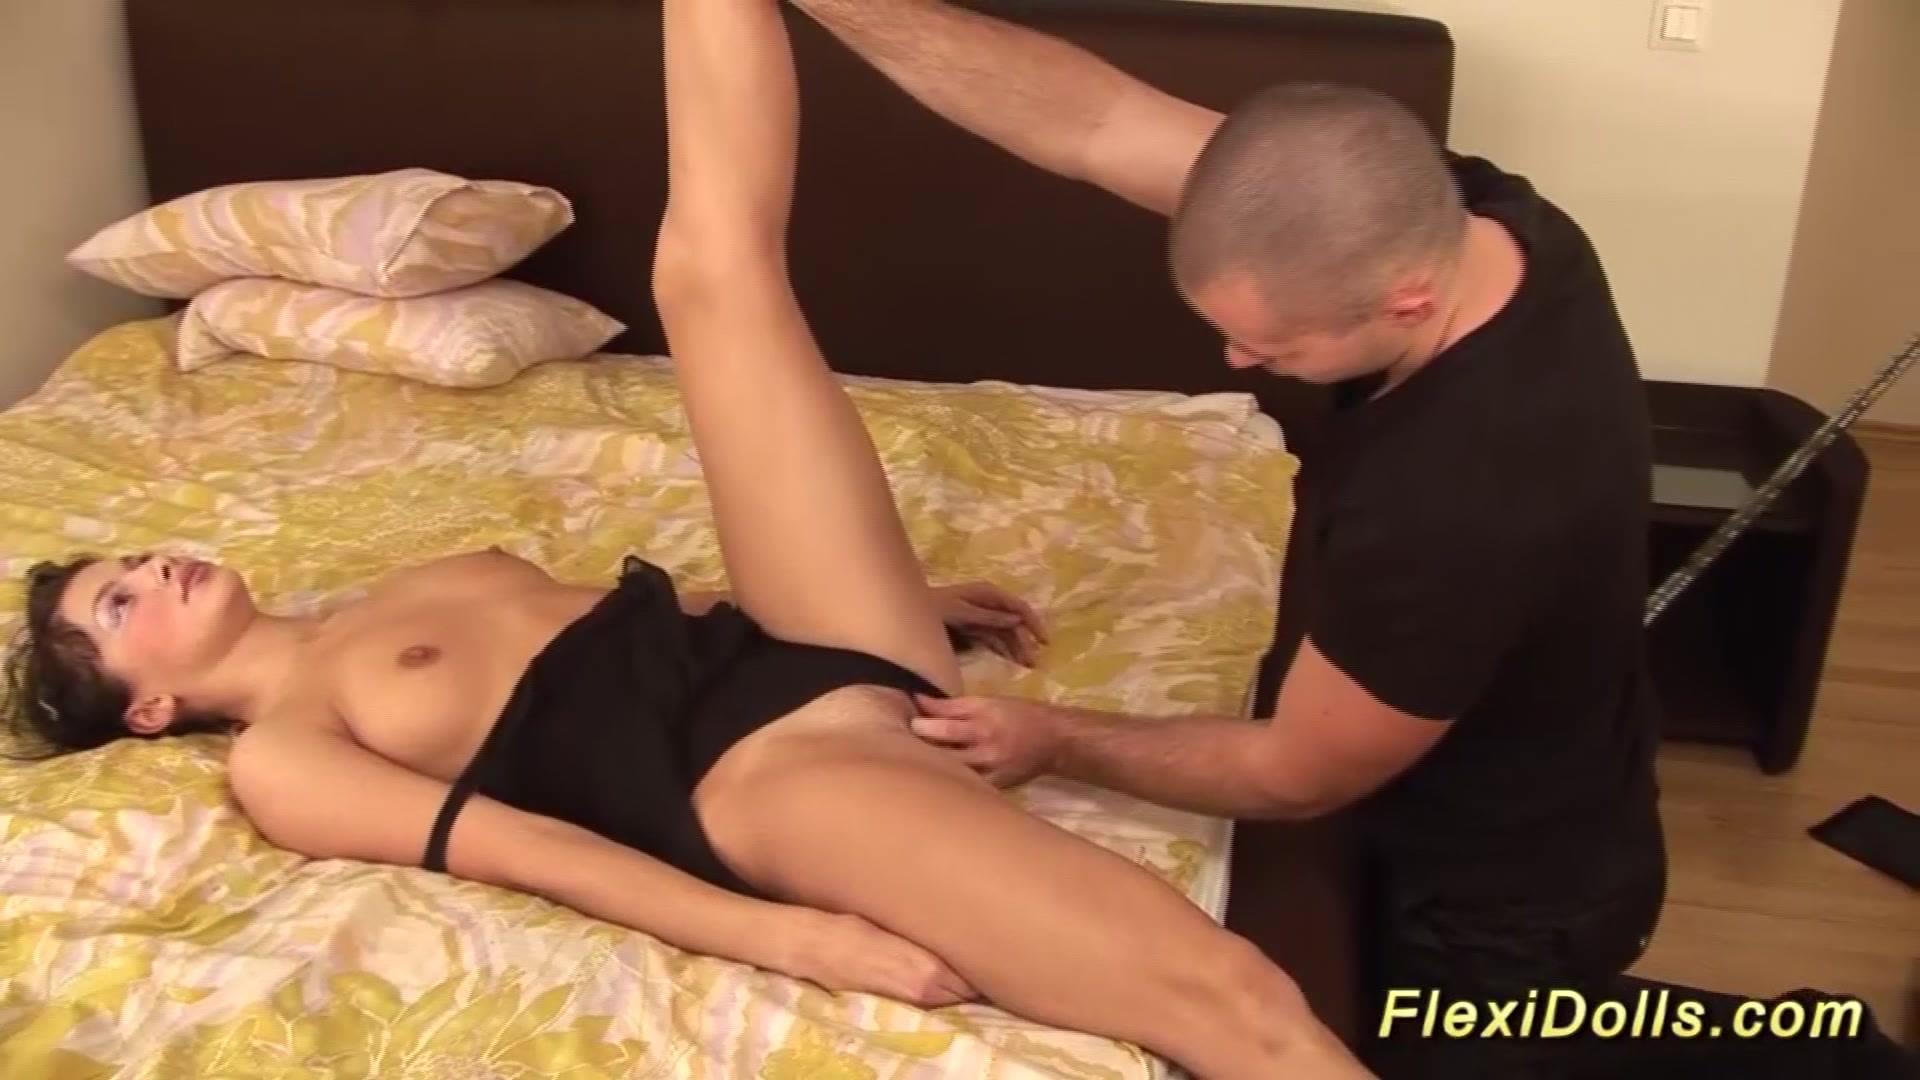 Porn Pics & Movies Free porno tub